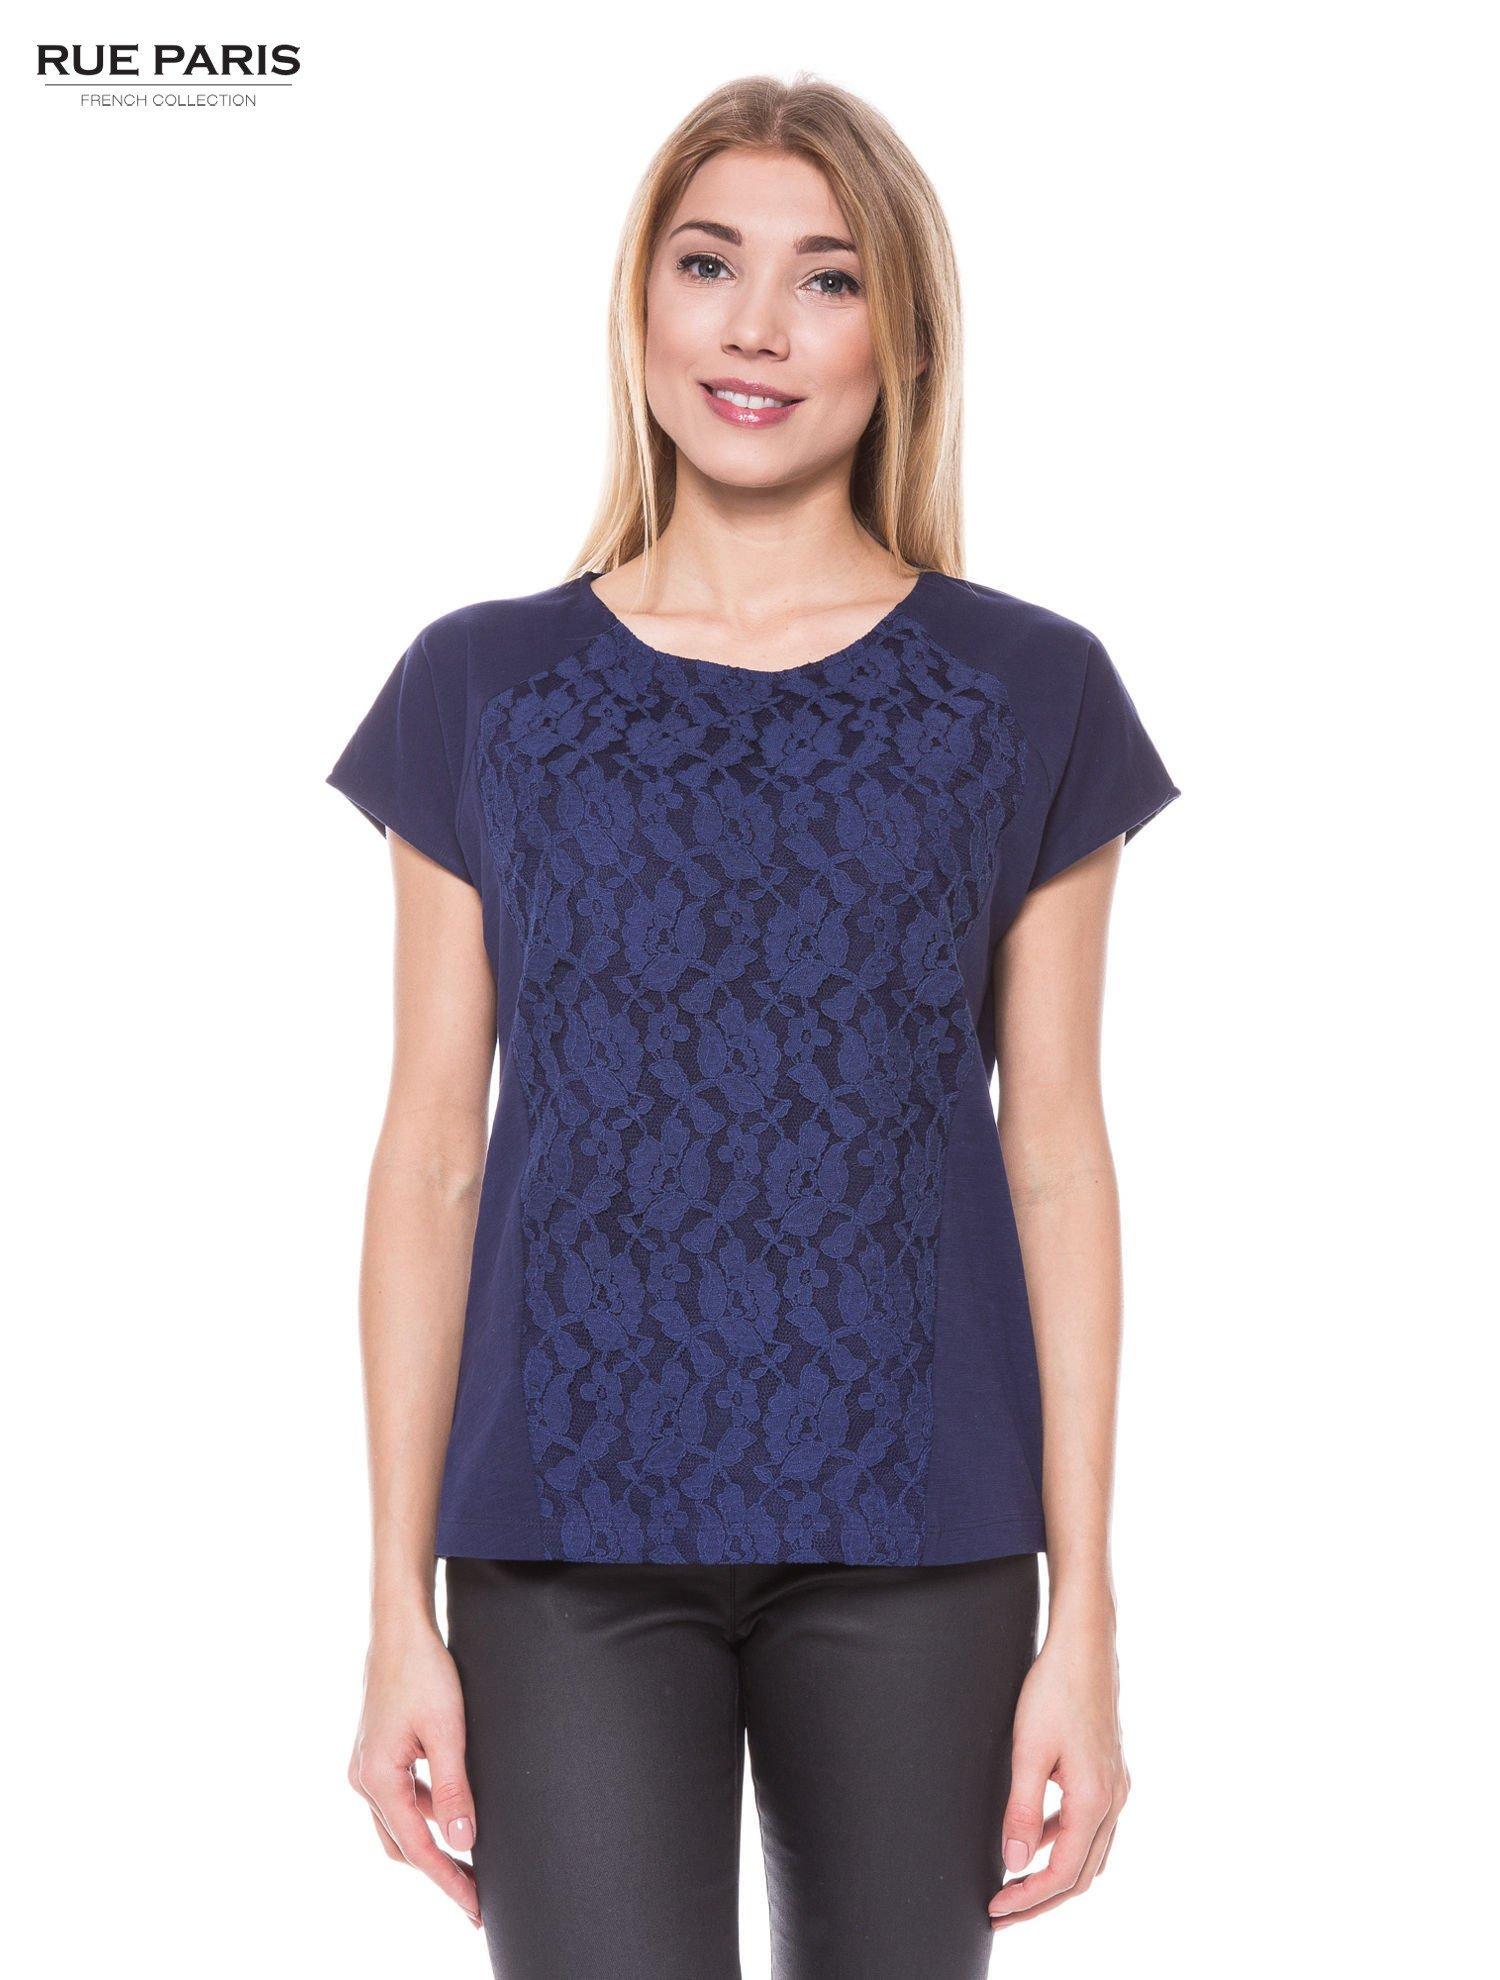 Granatowy t-shirt z koronkowym przodem                                  zdj.                                  1